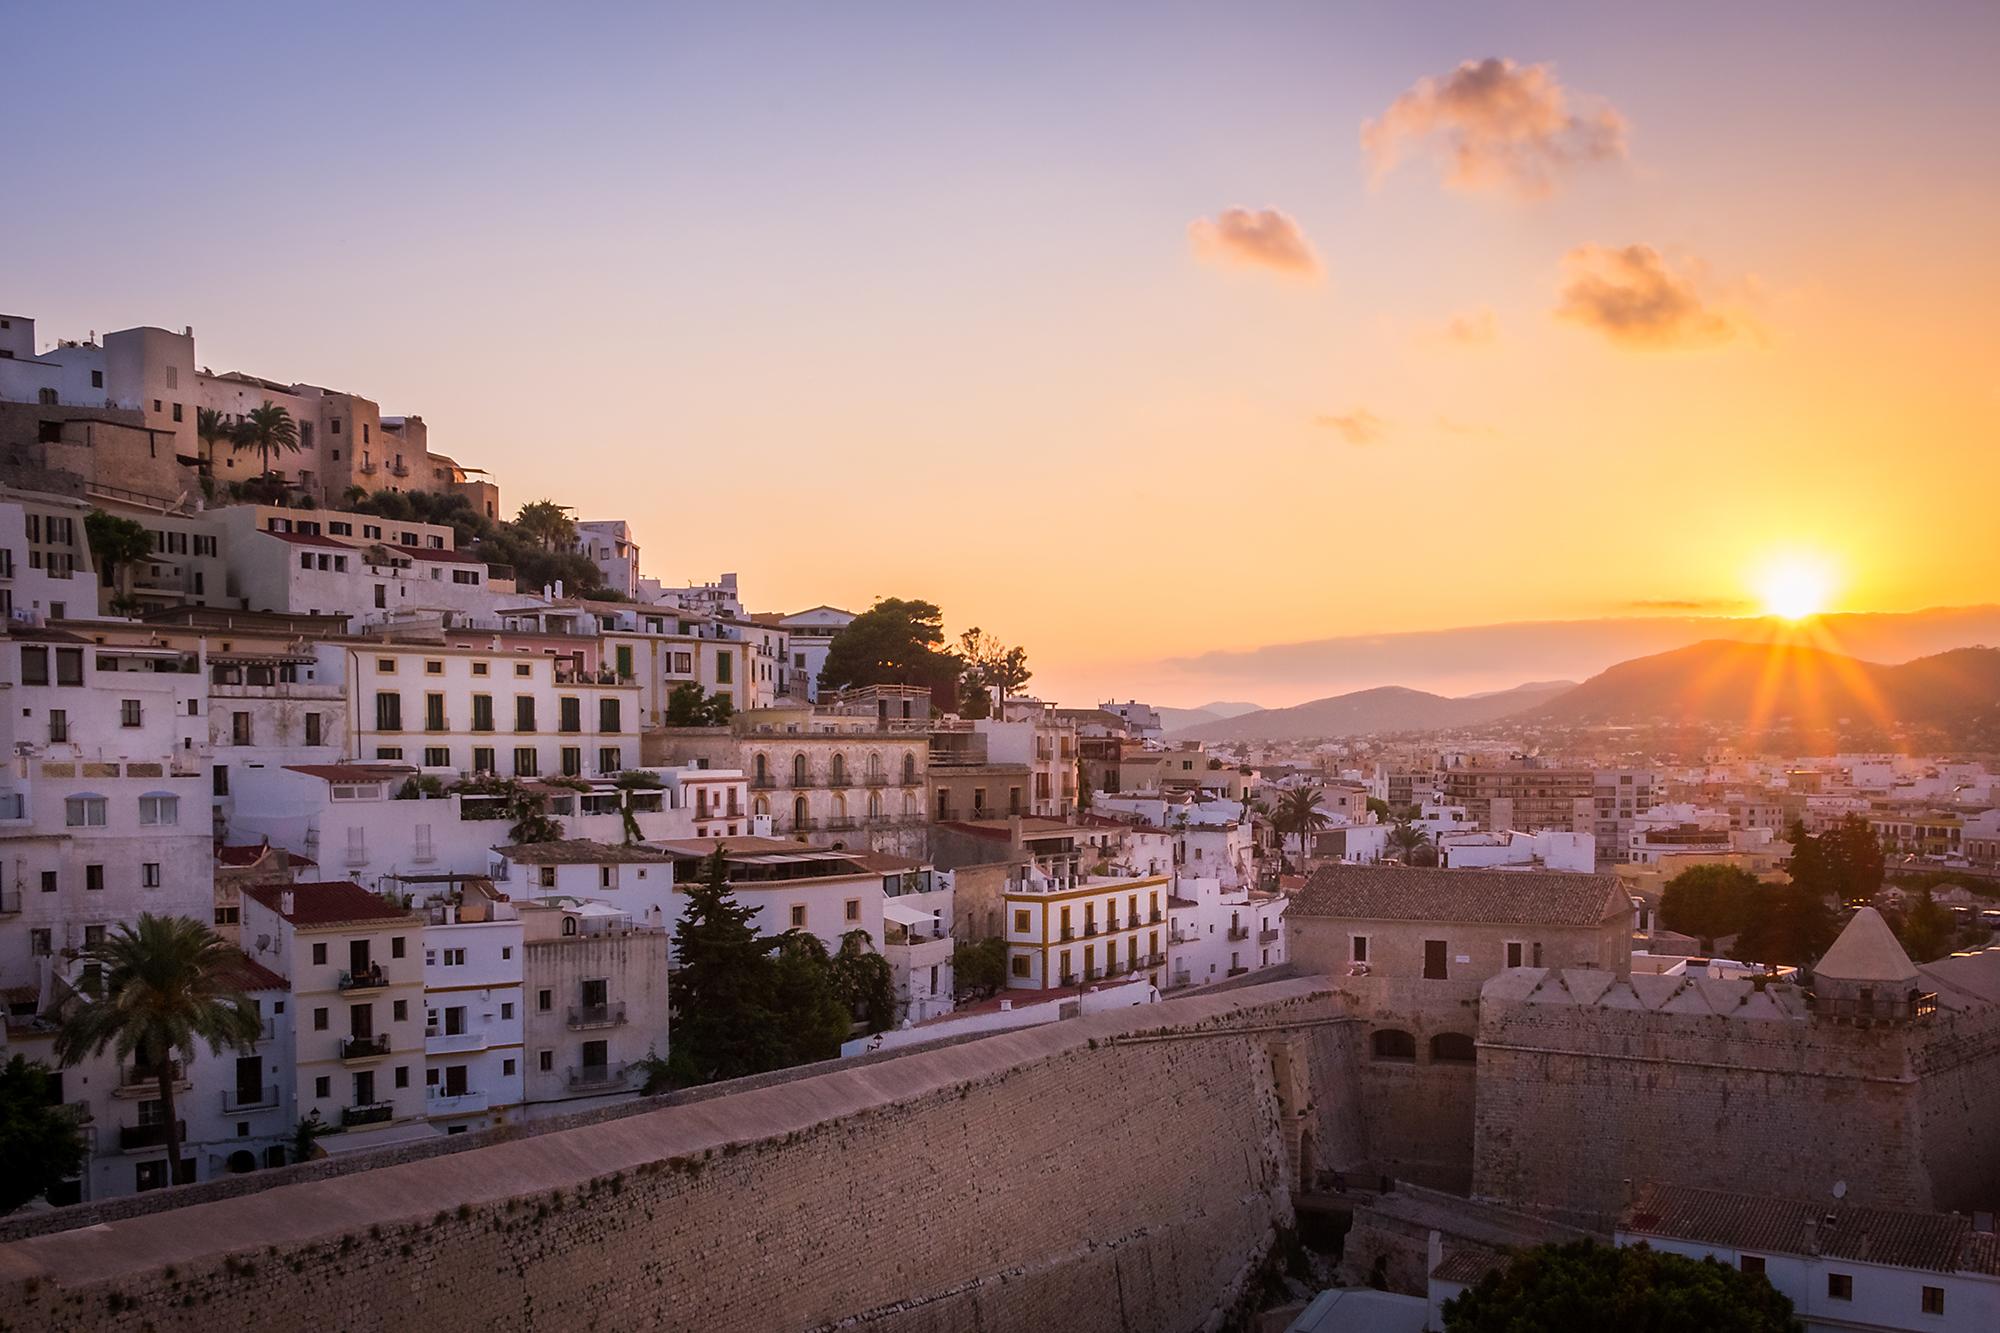 160829 - Ibiza - Sunset - Ibiza Town 002.jpg